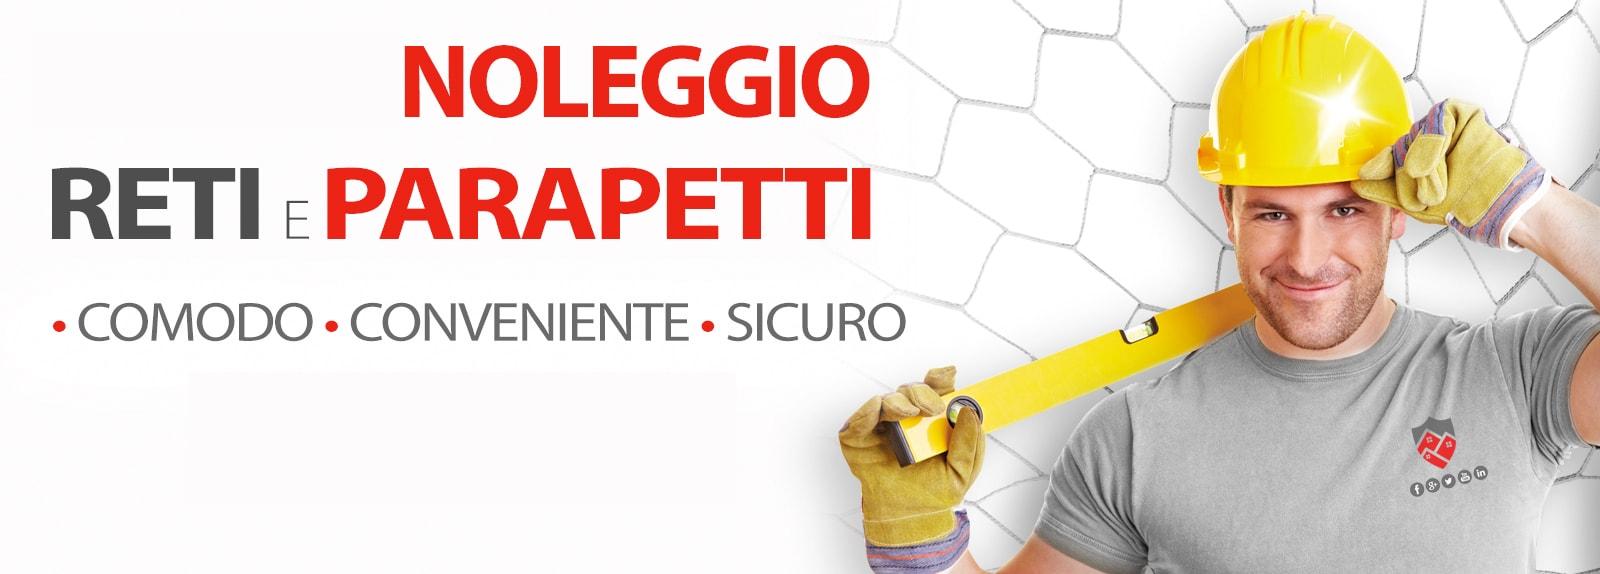 Noleggio Dispositivi di Sicurezza Brescia